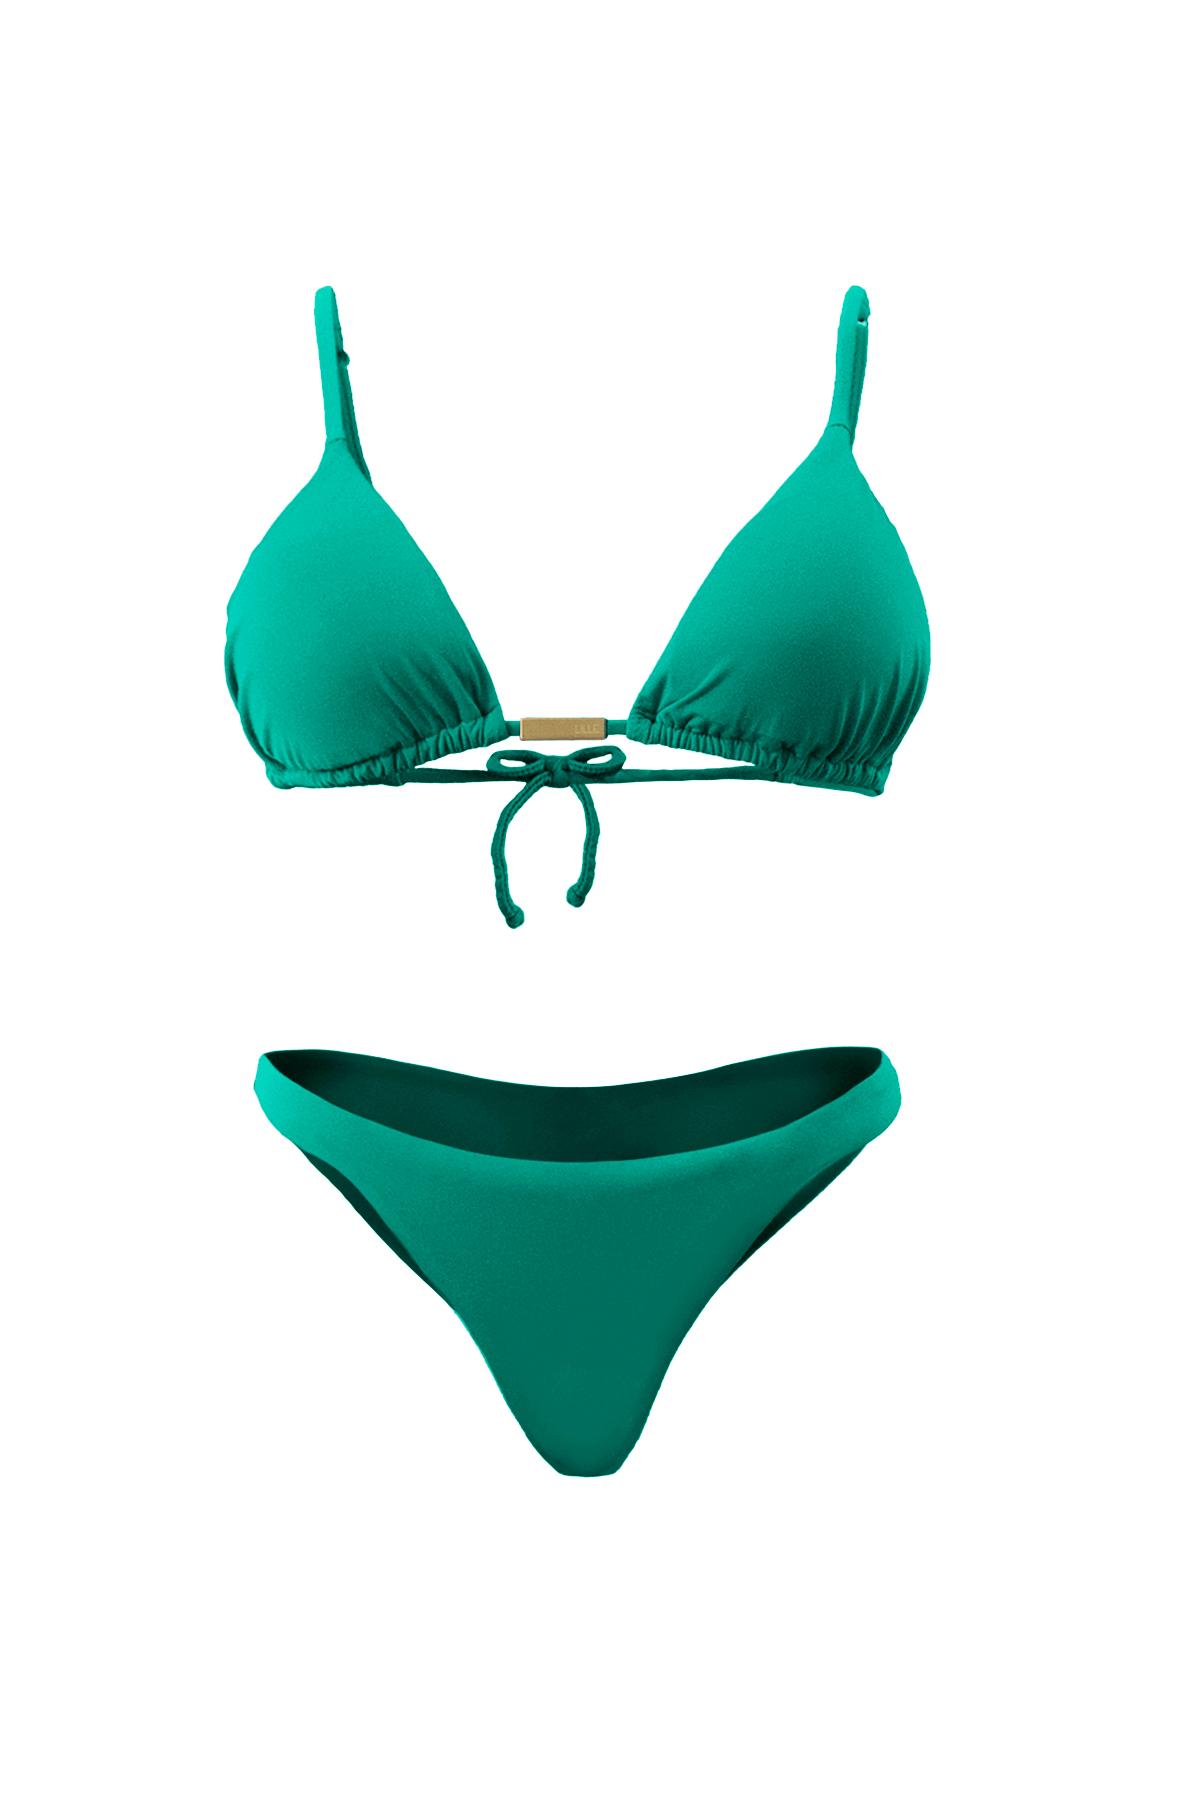 Lille Beachwear - Moda Praia e Resort que agrega estilo